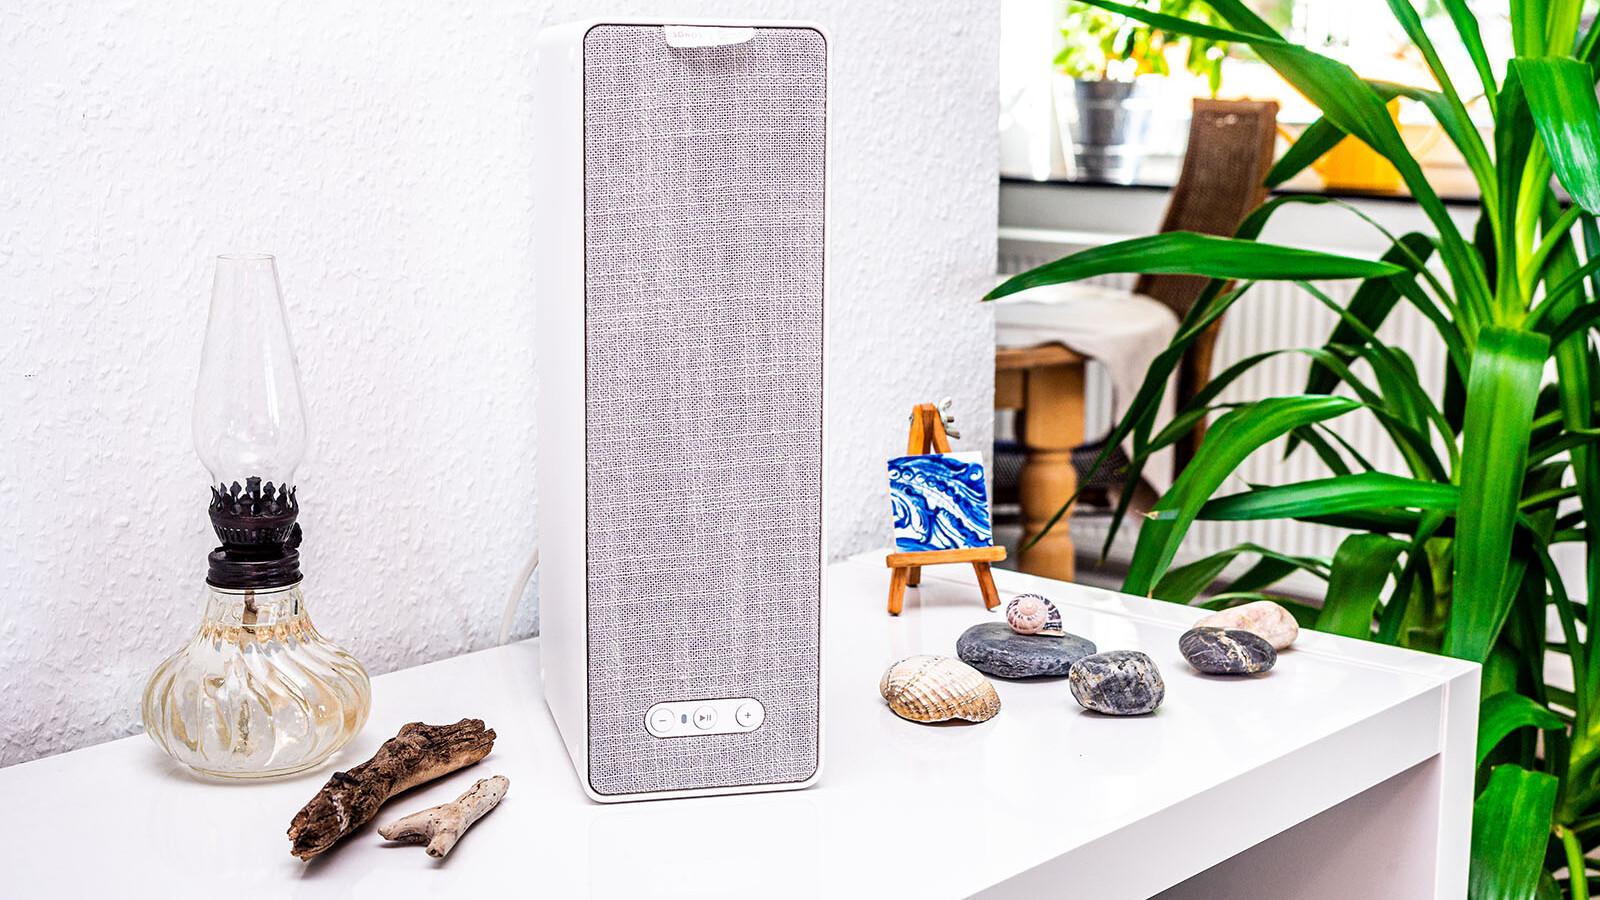 Ikea Symfonisk Regal Wifi Speaker Im Test Preishit Fur Sonos Fans